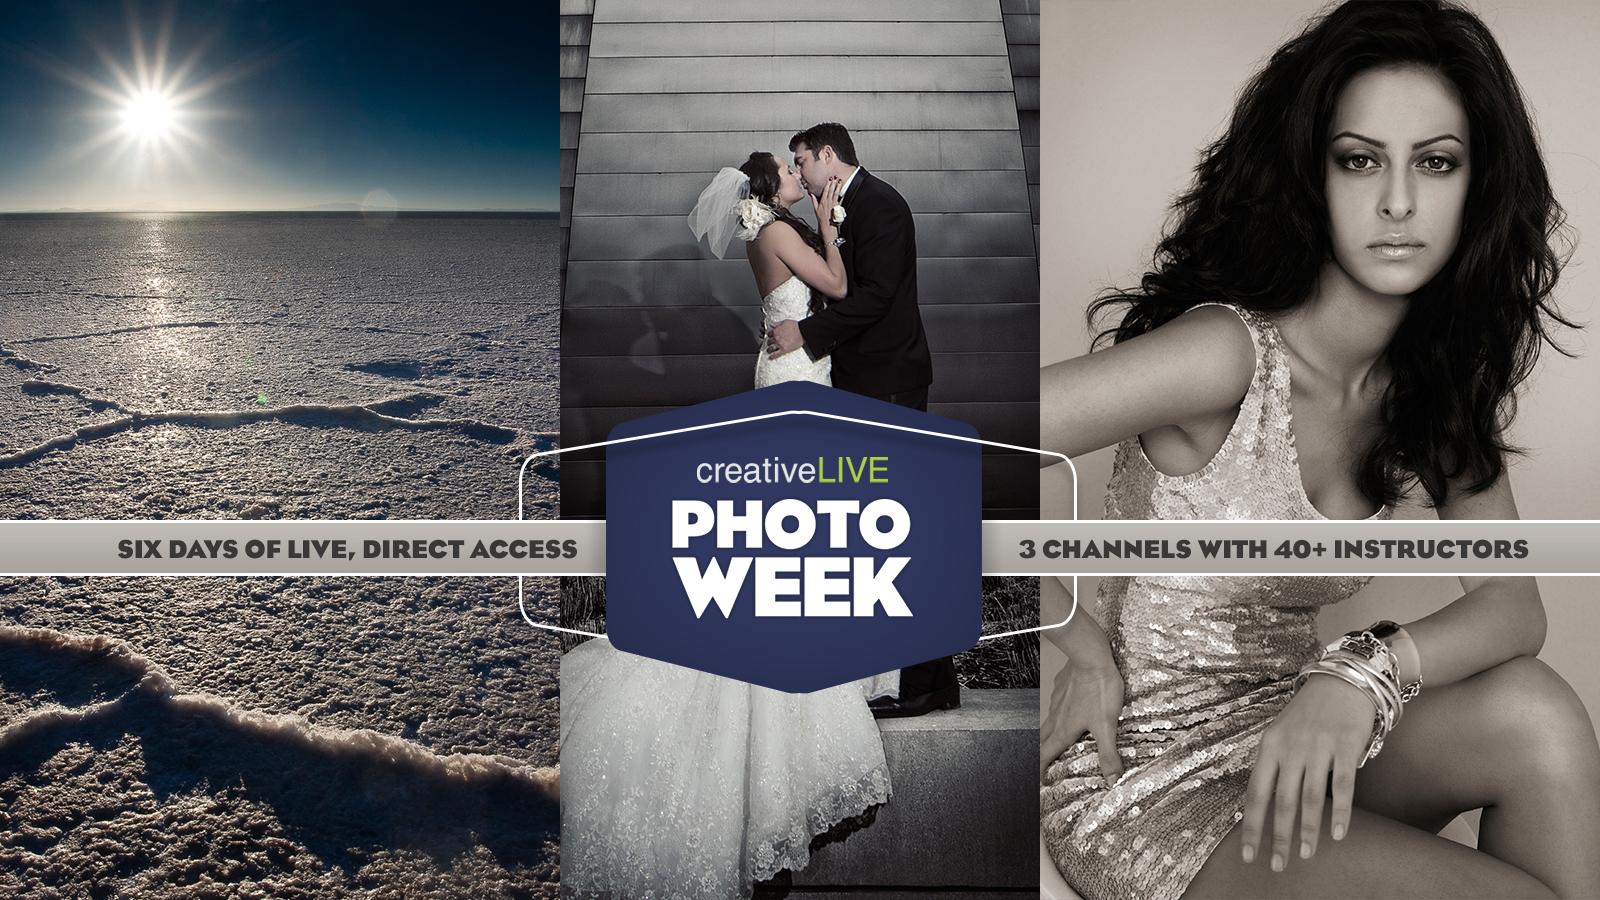 Creative Live Photo Week 2014